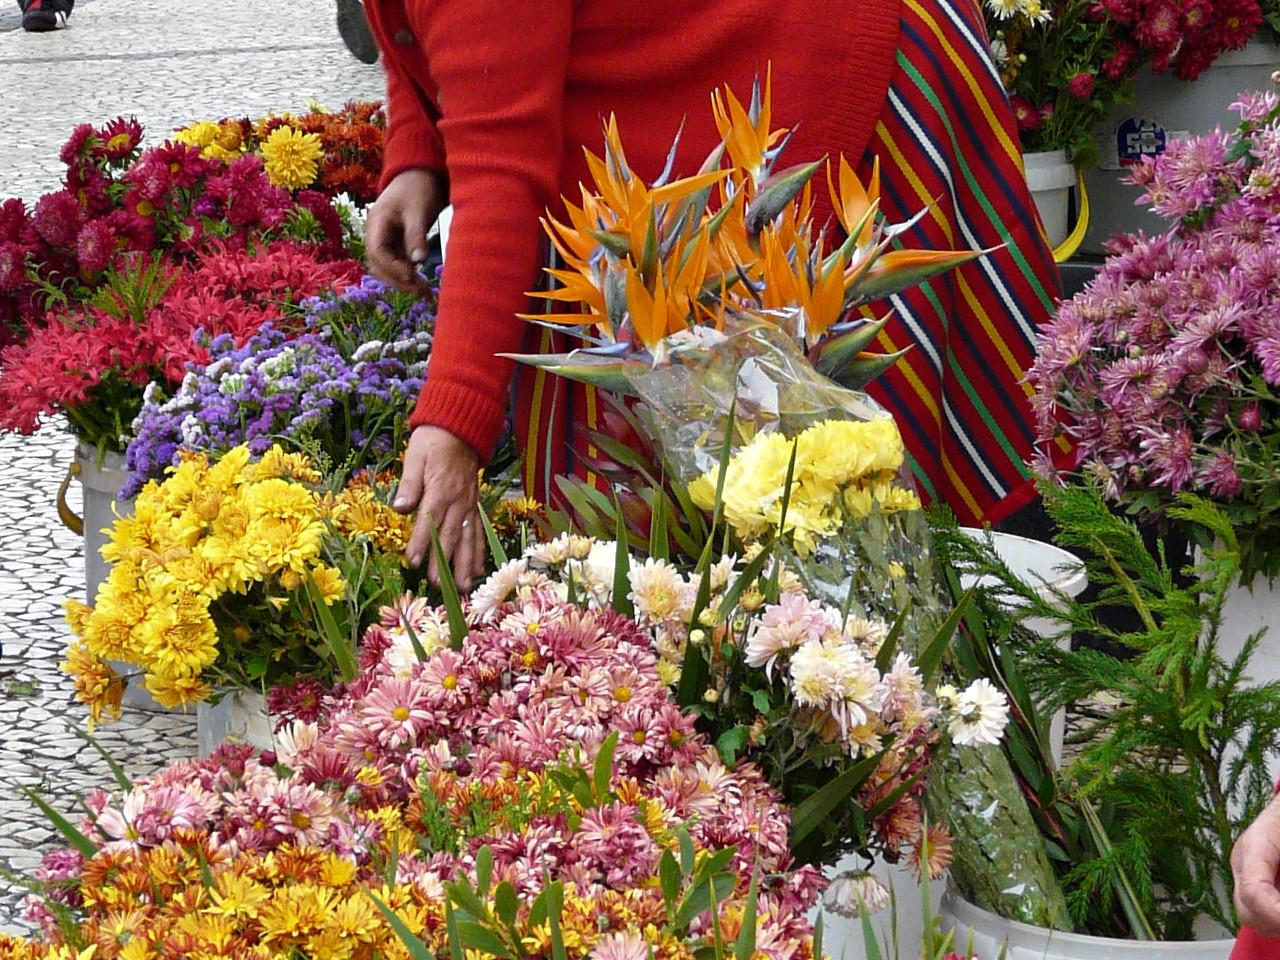 Funchal-Mercado dos Lavradores 4.jpg